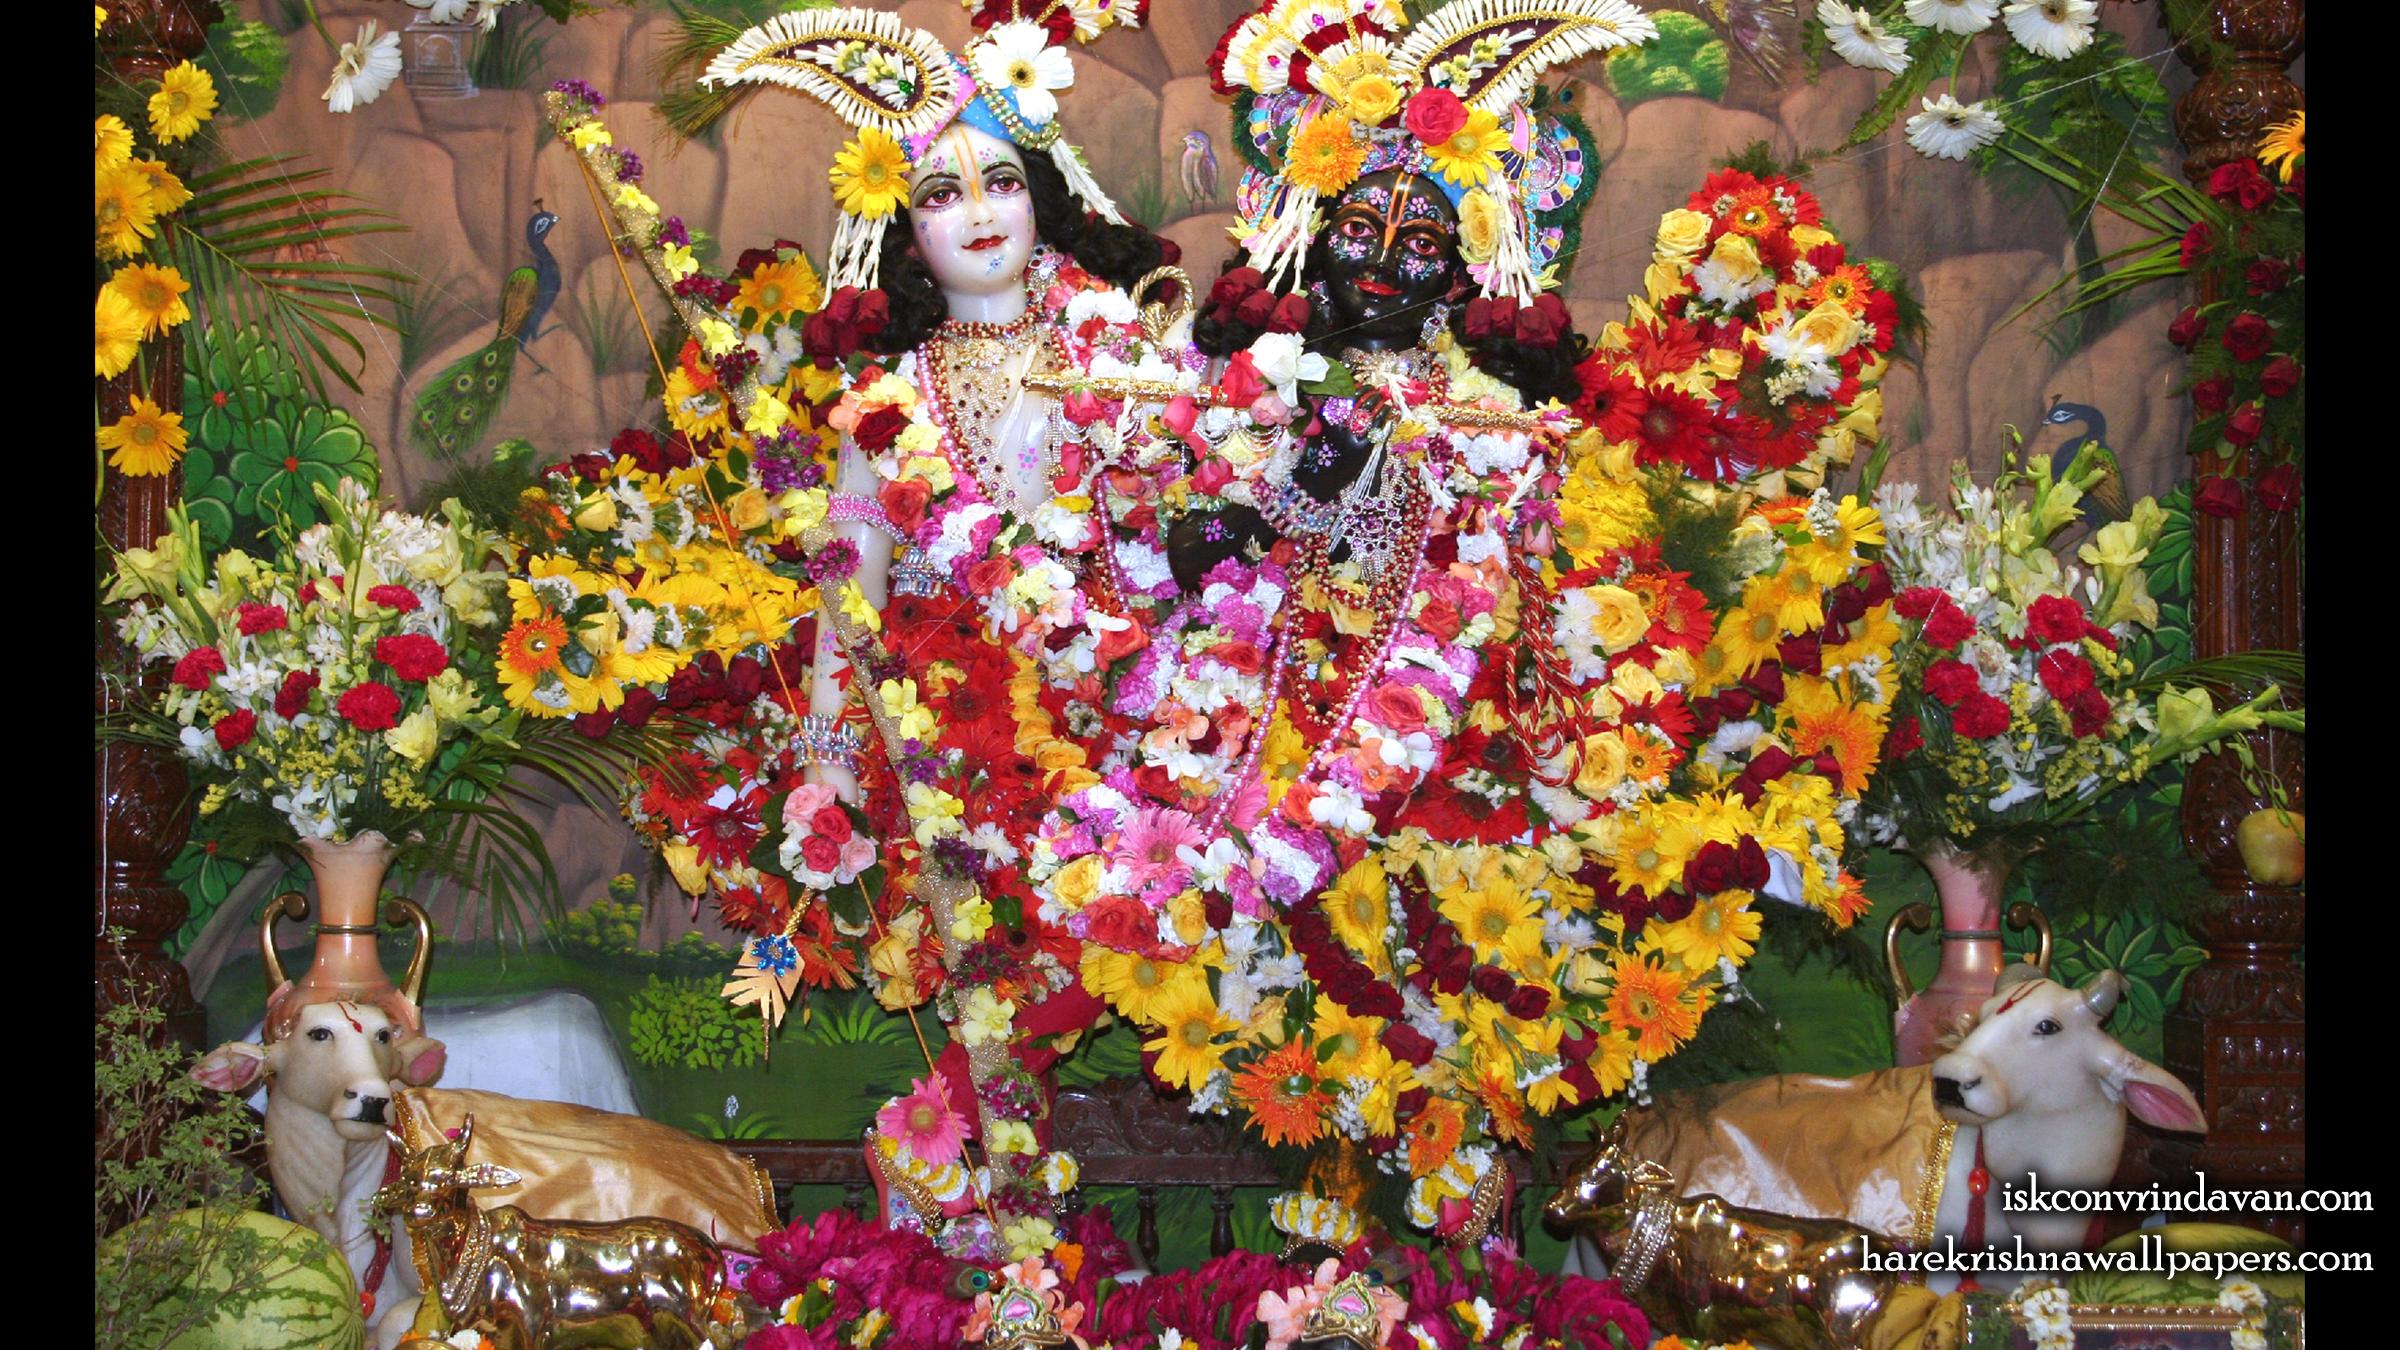 Sri Sri Krishna Balaram Wallpaper (106) Size 2400x1350 Download